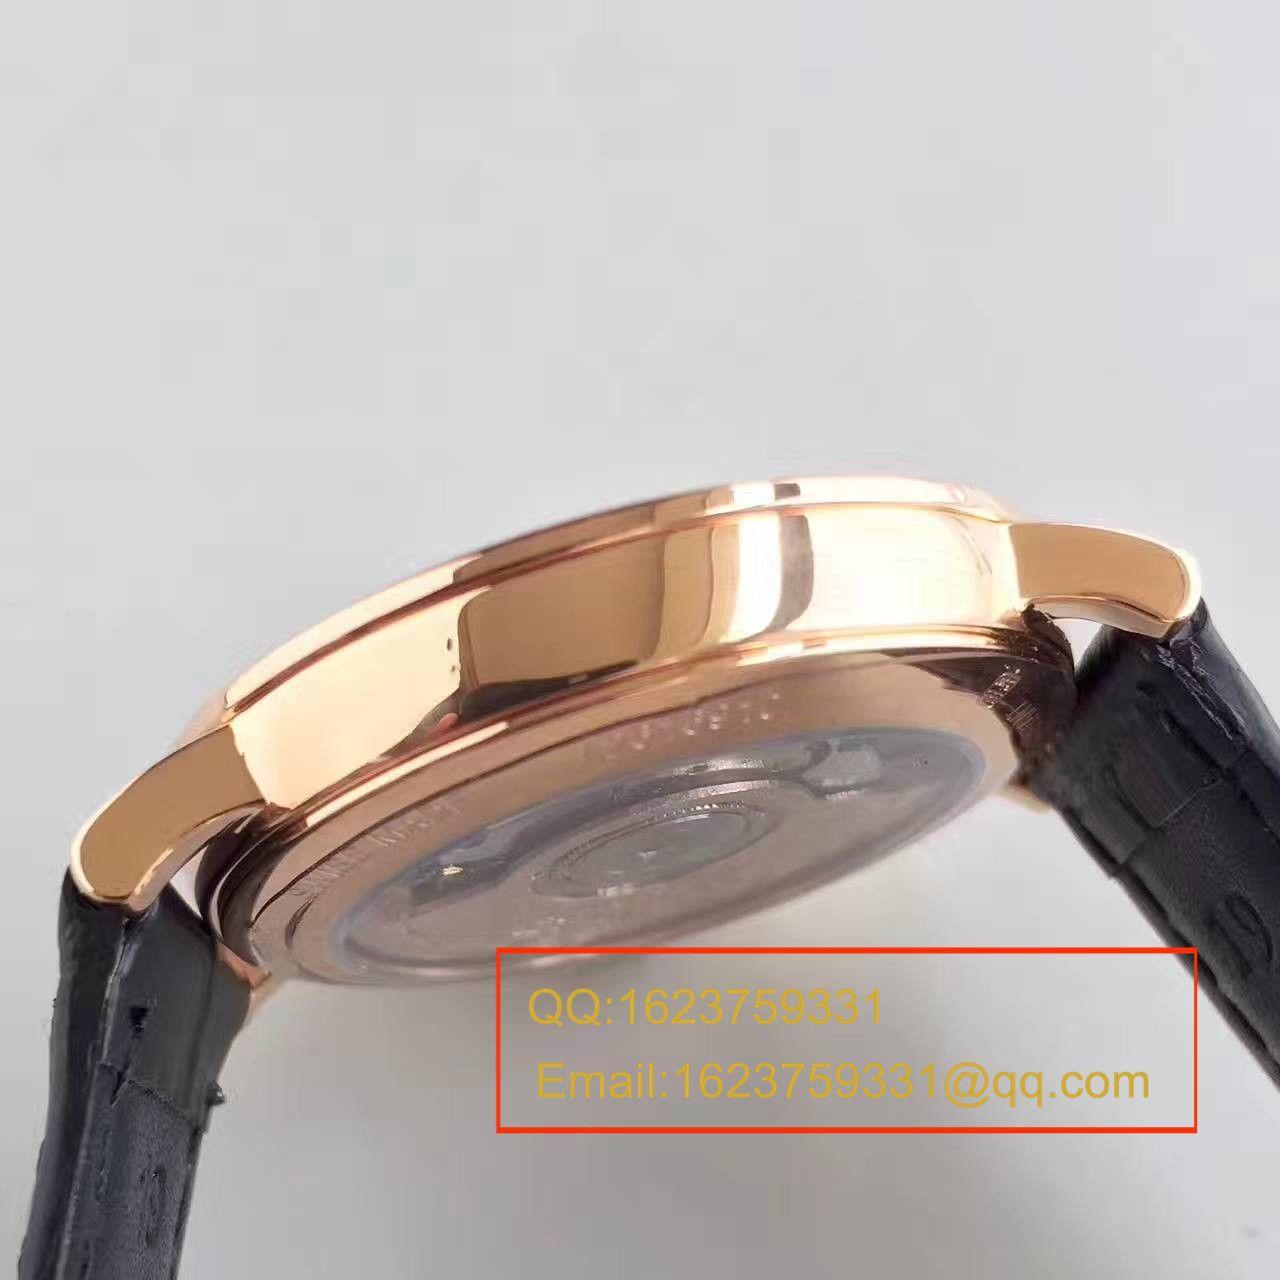 【台湾厂顶级复刻手表】浪琴制表传统博雅系列L4.787.8.11.0腕表 / L092